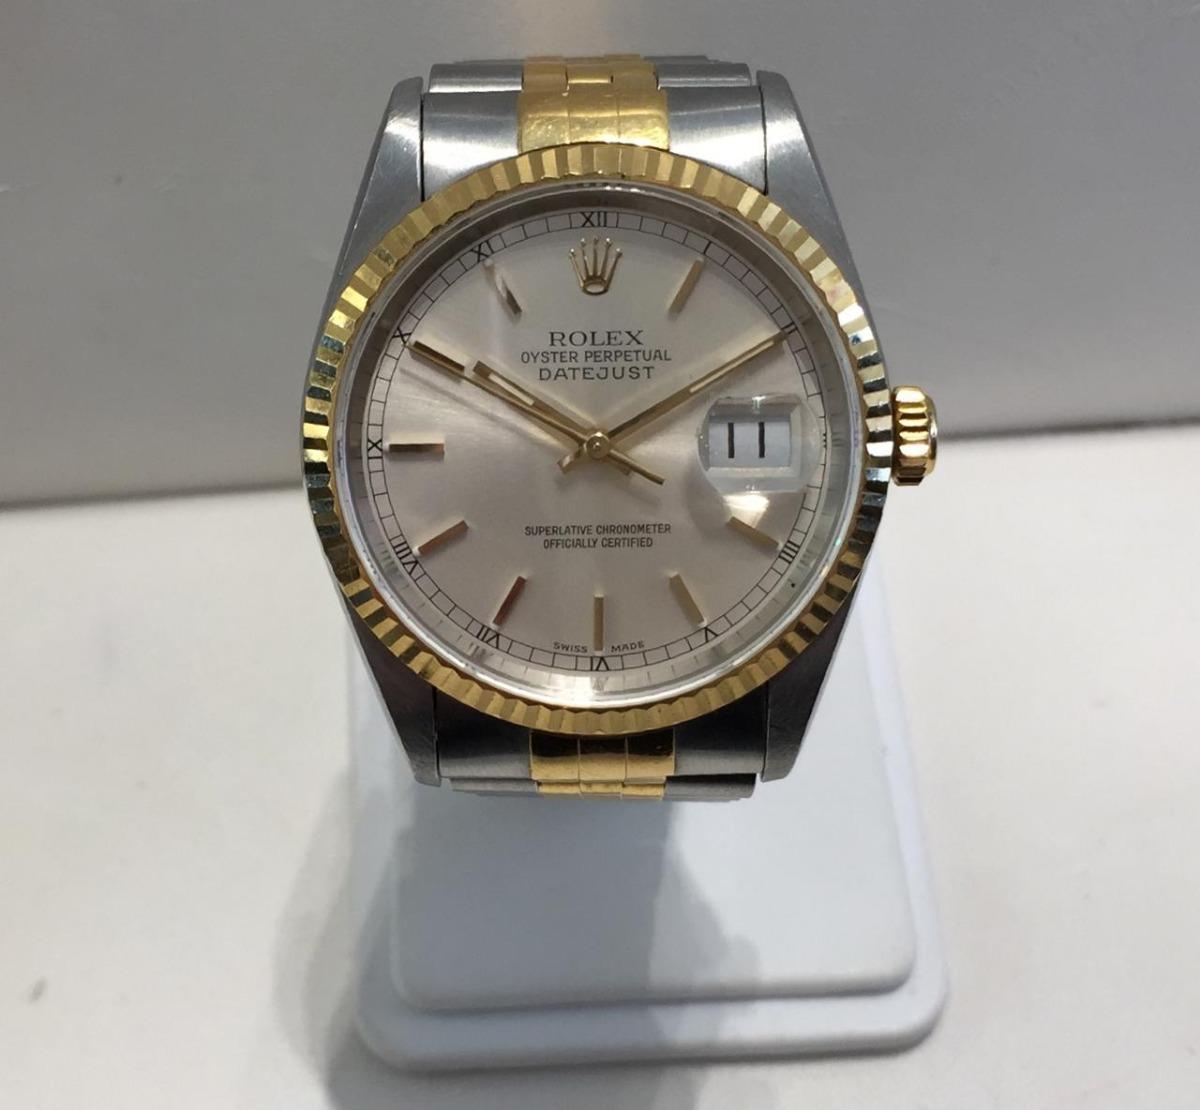 Datejust Caballero Modelo Rolex 36mm 3 Reloj Tamaño Calibre N0wPO8nkX